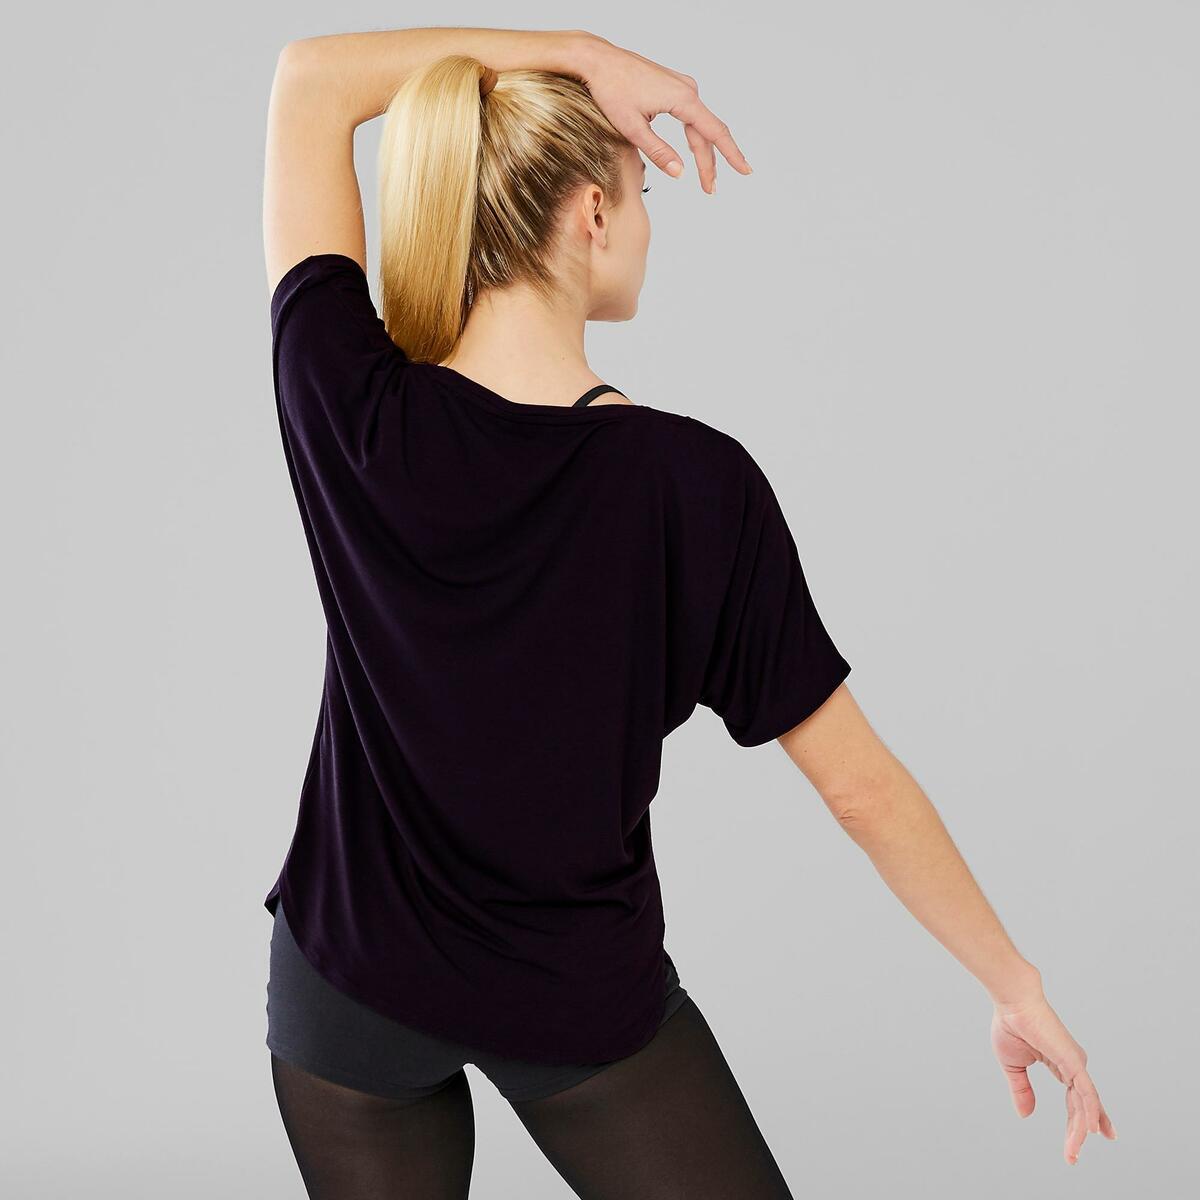 Bild 4 von Dance-Shirt kurz Modern Dance Damen schwarz